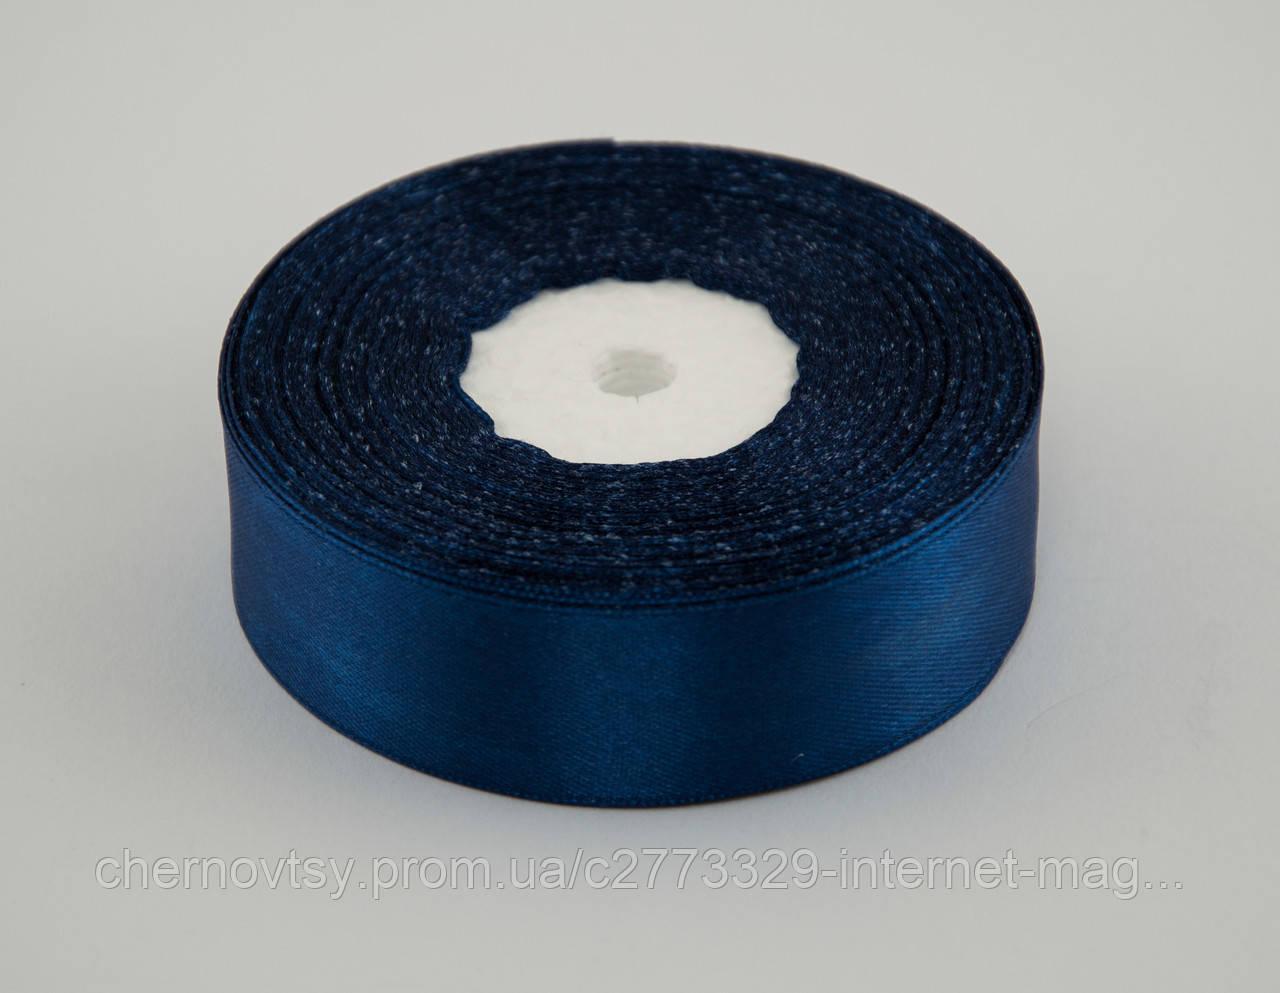 Стрічка атлас 2 см, 33 м, № 38 Темно-синя